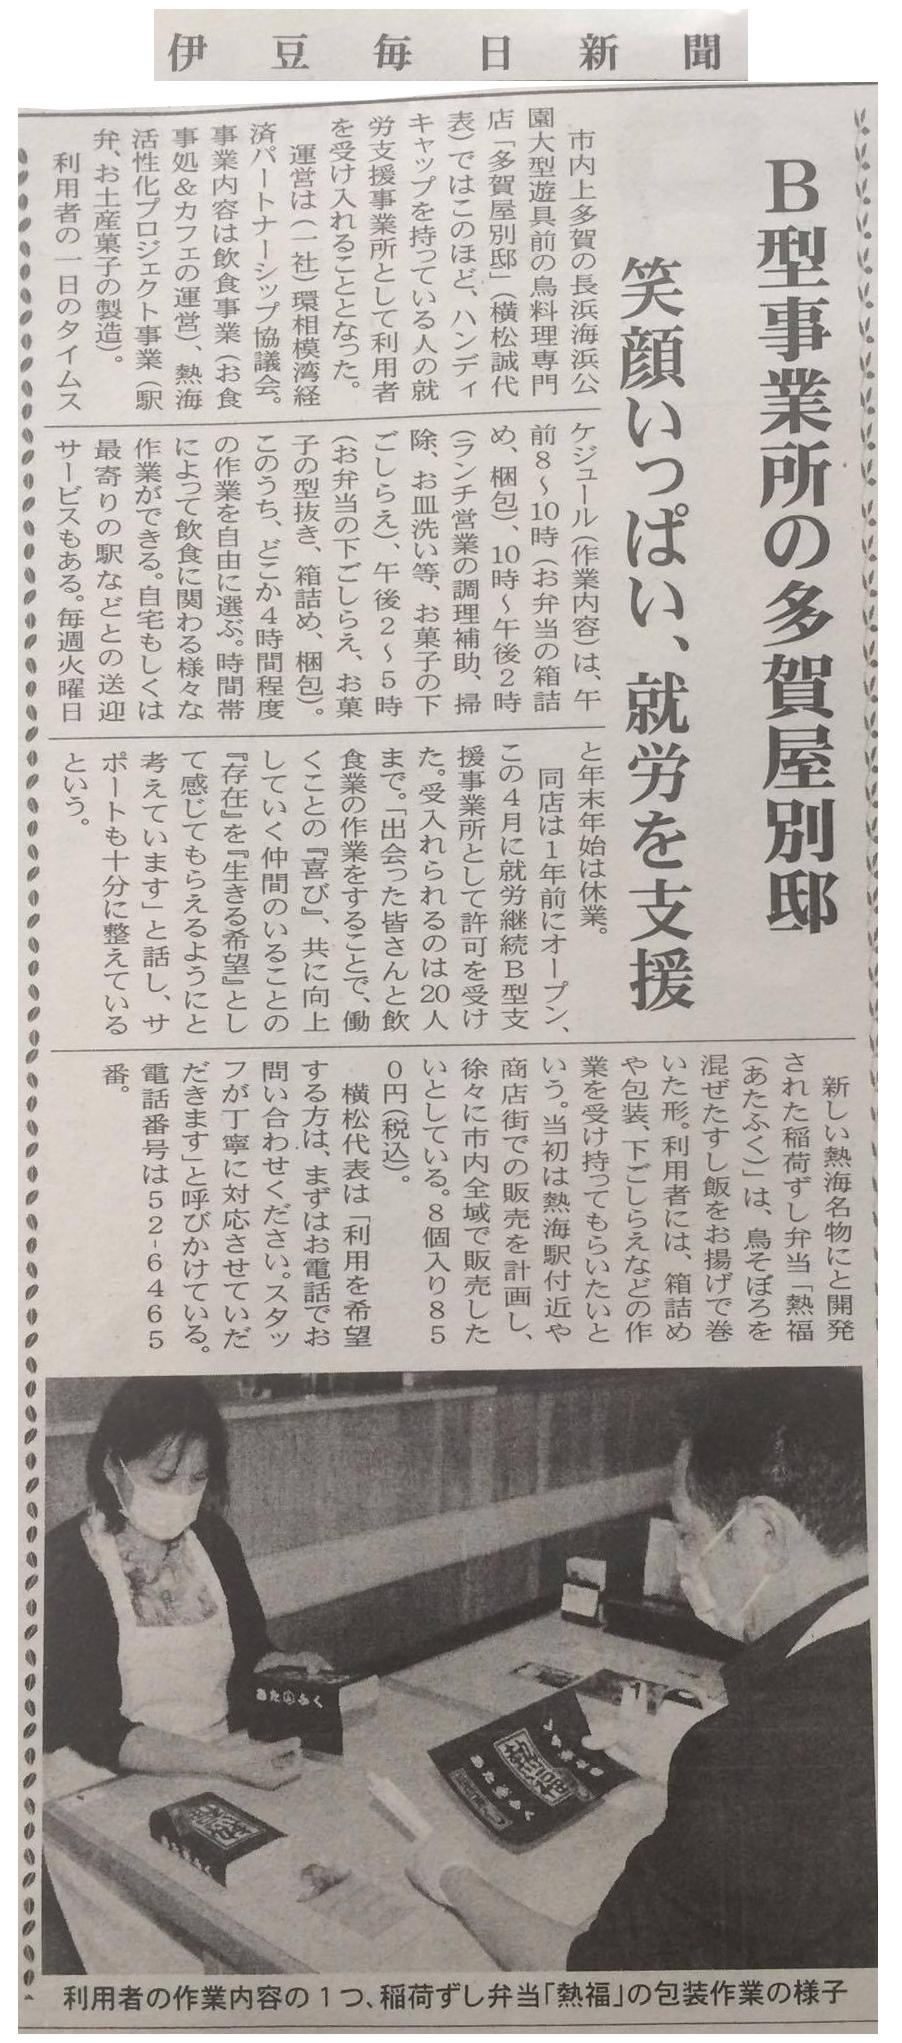 多賀屋別邸の取り組みが伊豆毎日新聞で紹介